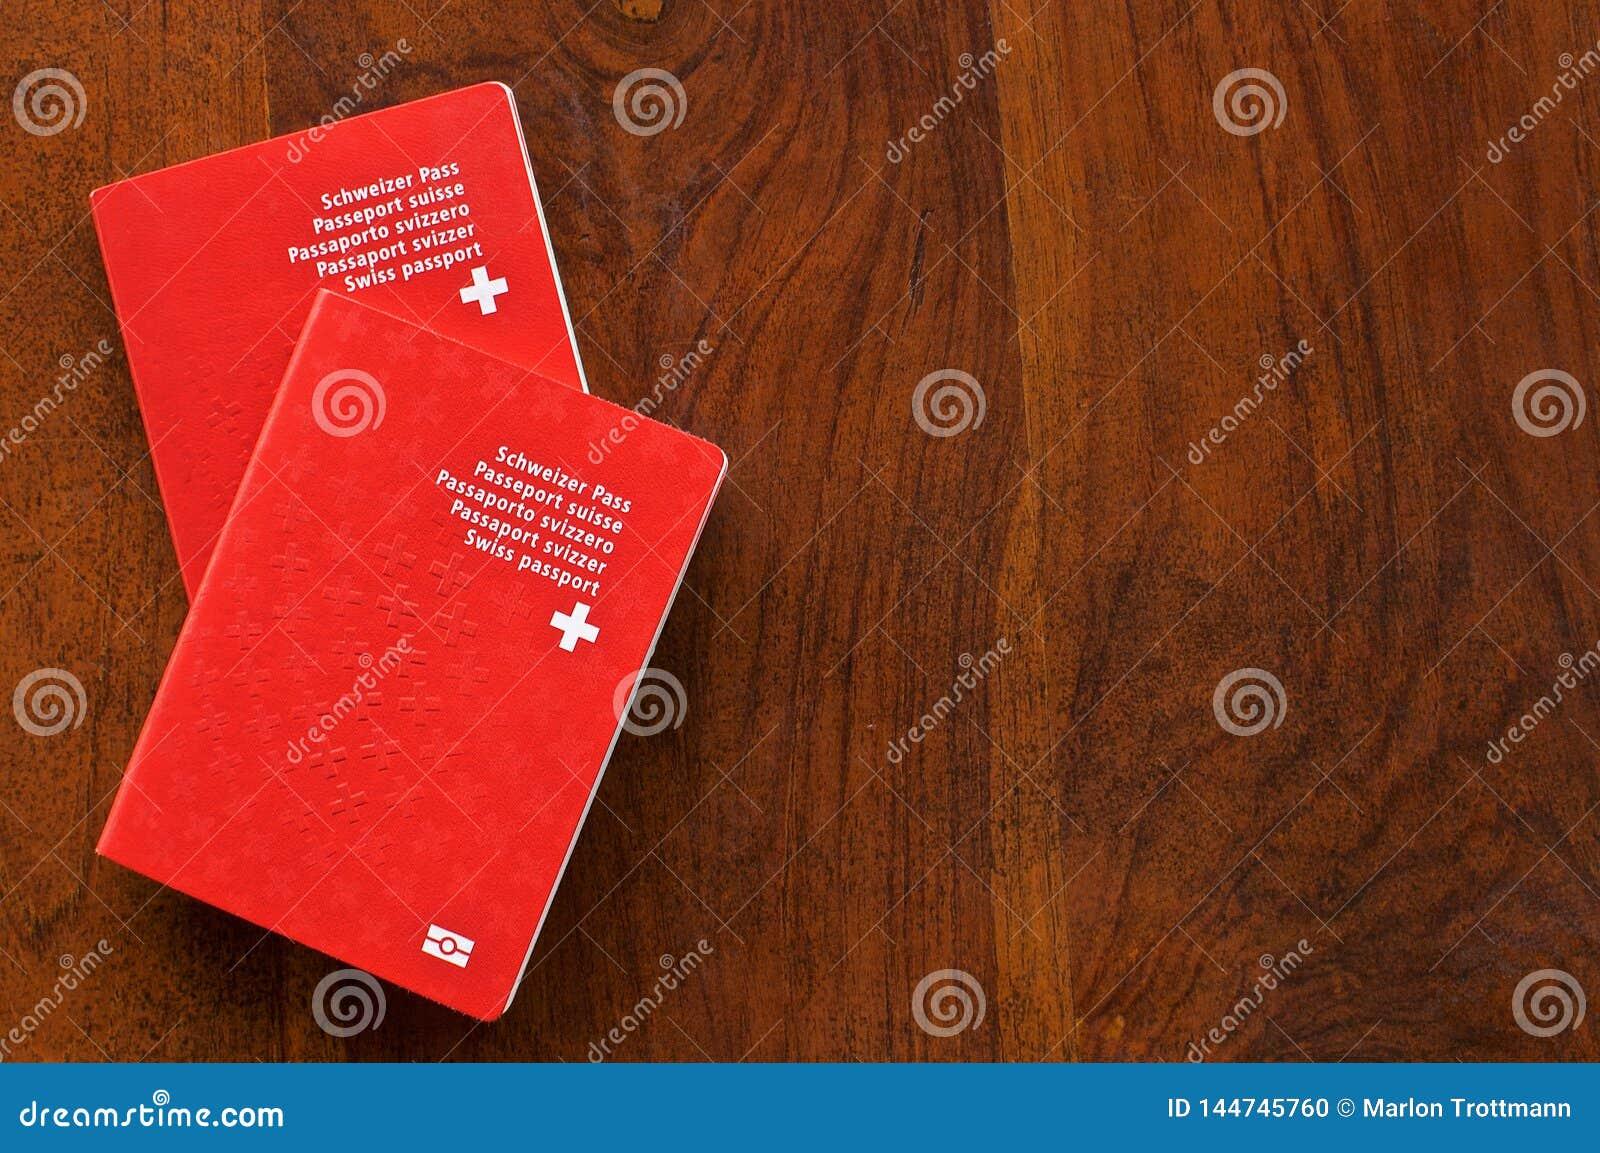 Zwei Schweizer Pässe auf einem Holztisch